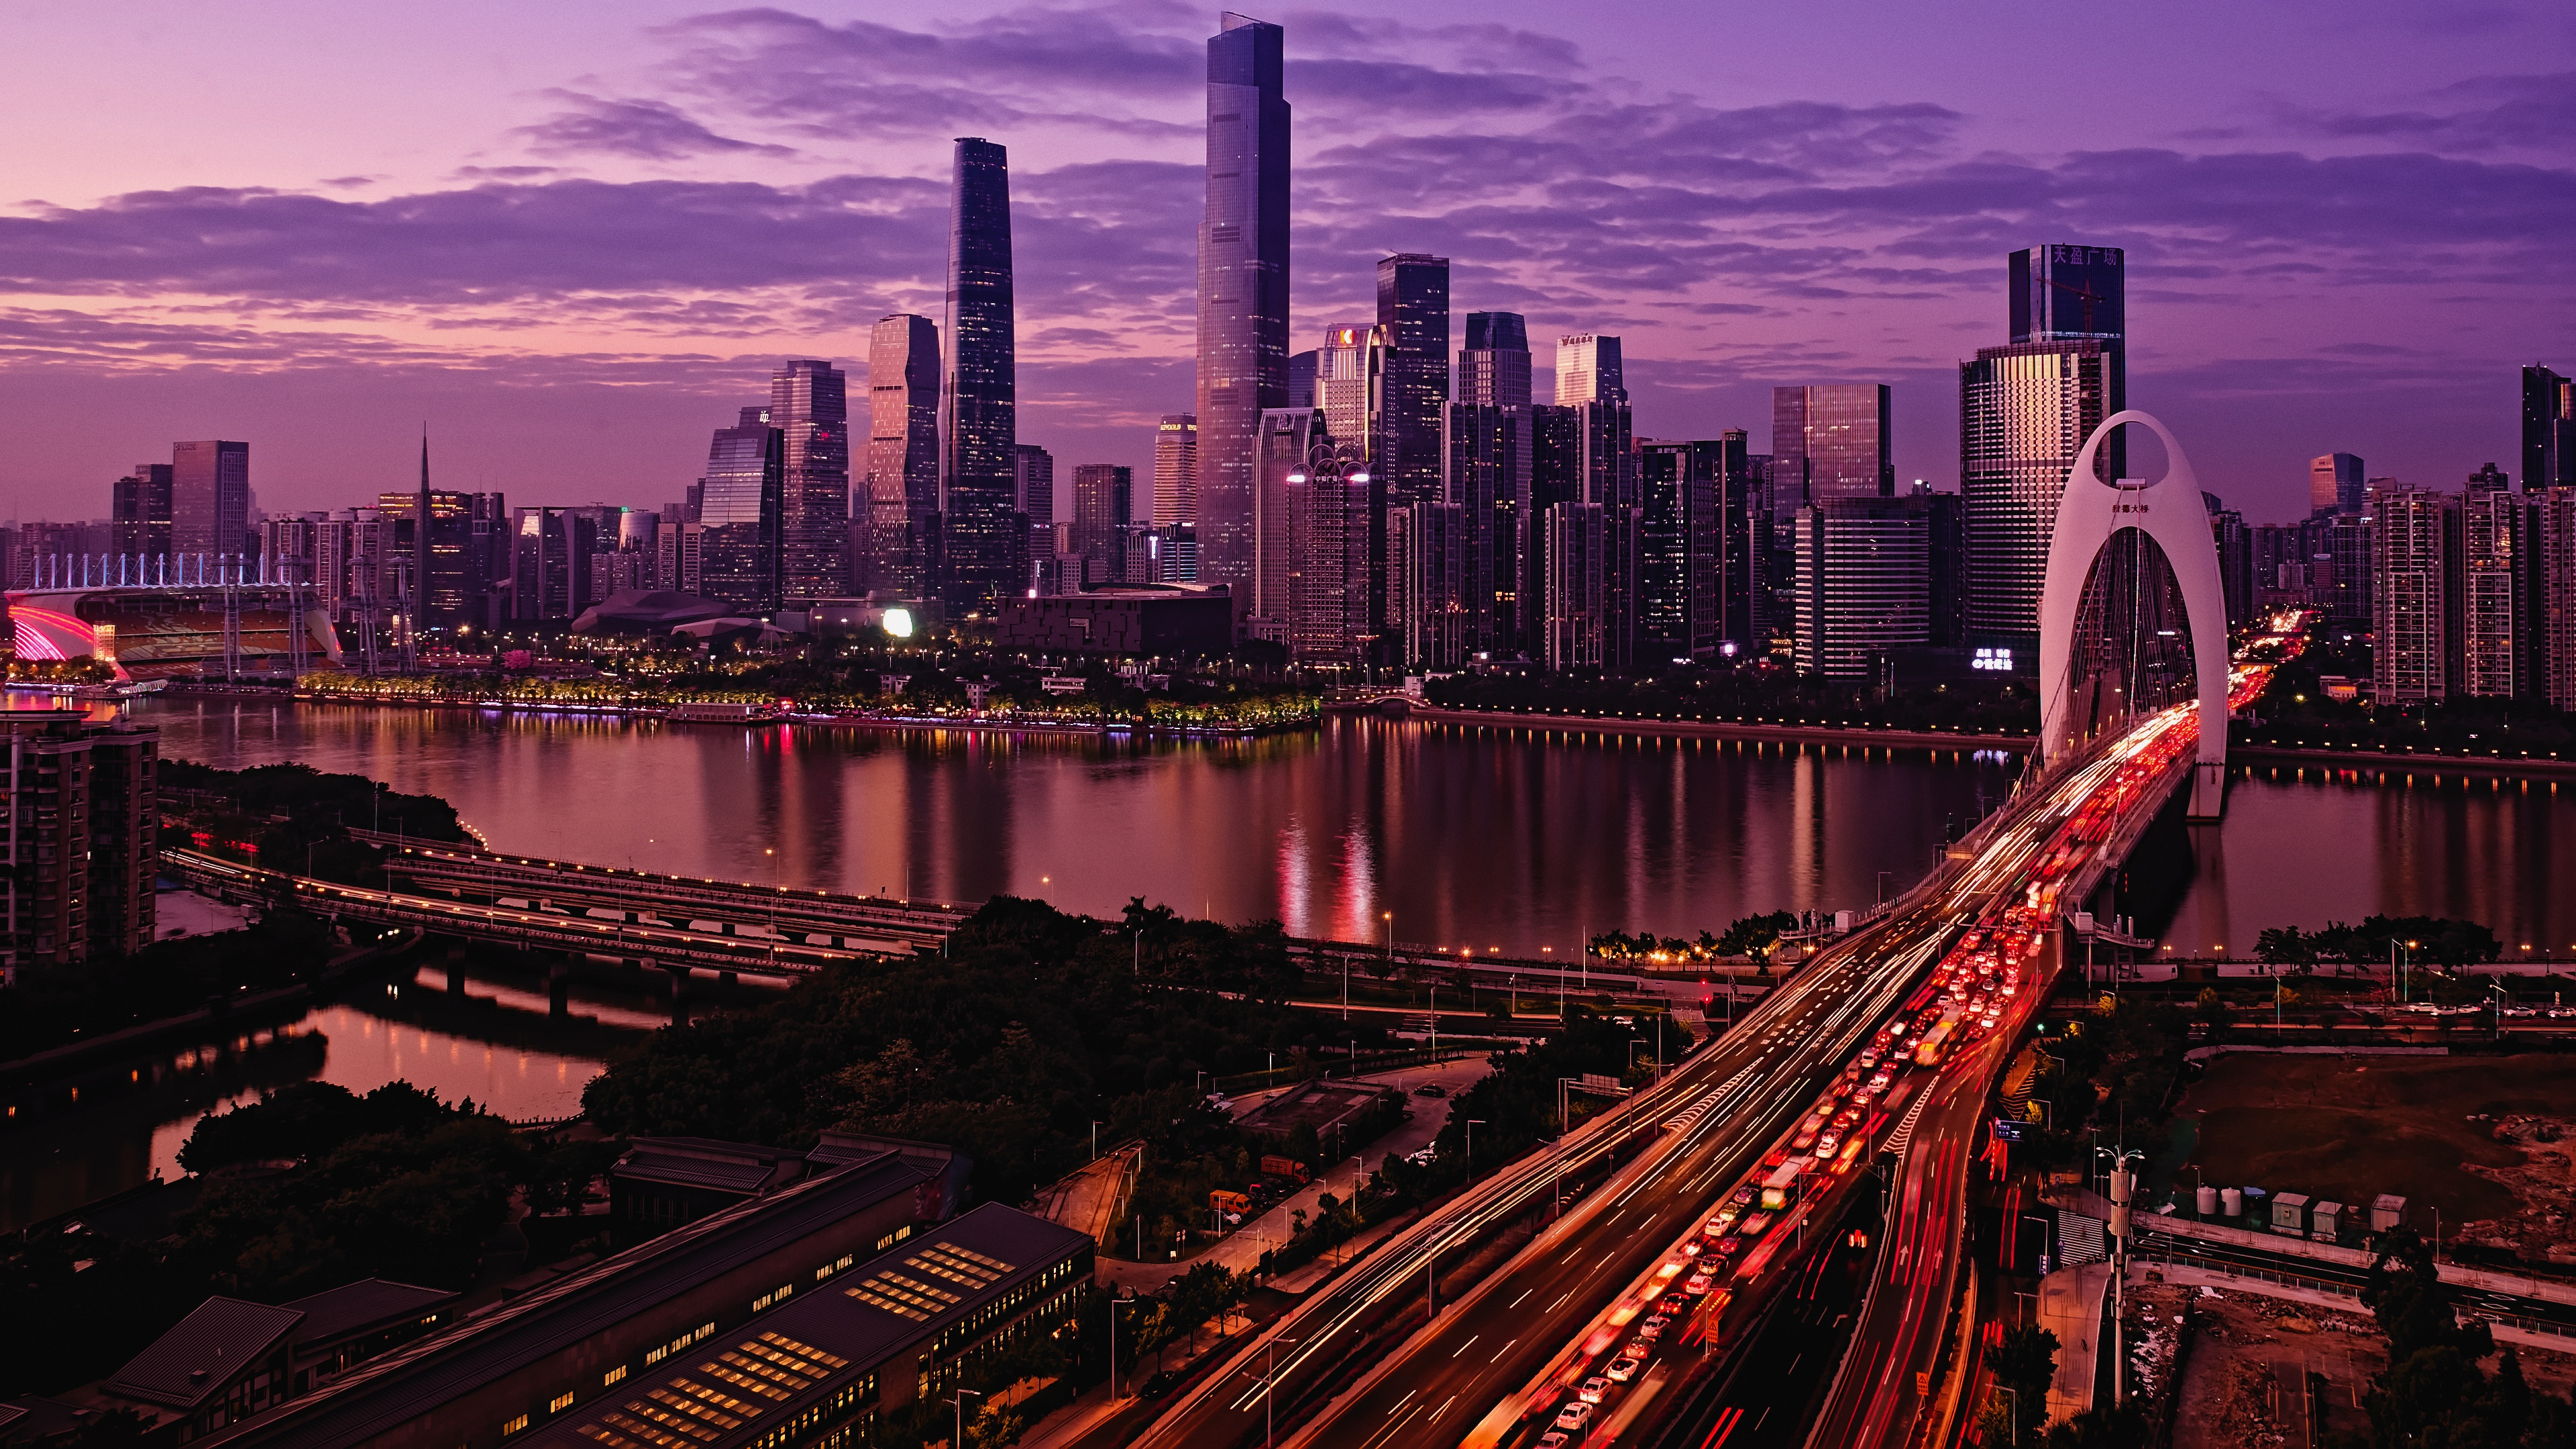 guangzhou 1546277771 - Guangzhou 4k - world wallpapers, traffic wallpapers, night wallpapers, hd-wallpapers, city wallpapers, china wallpapers, buildings wallpapers, bridge wallpapers, 4k-wallpapers